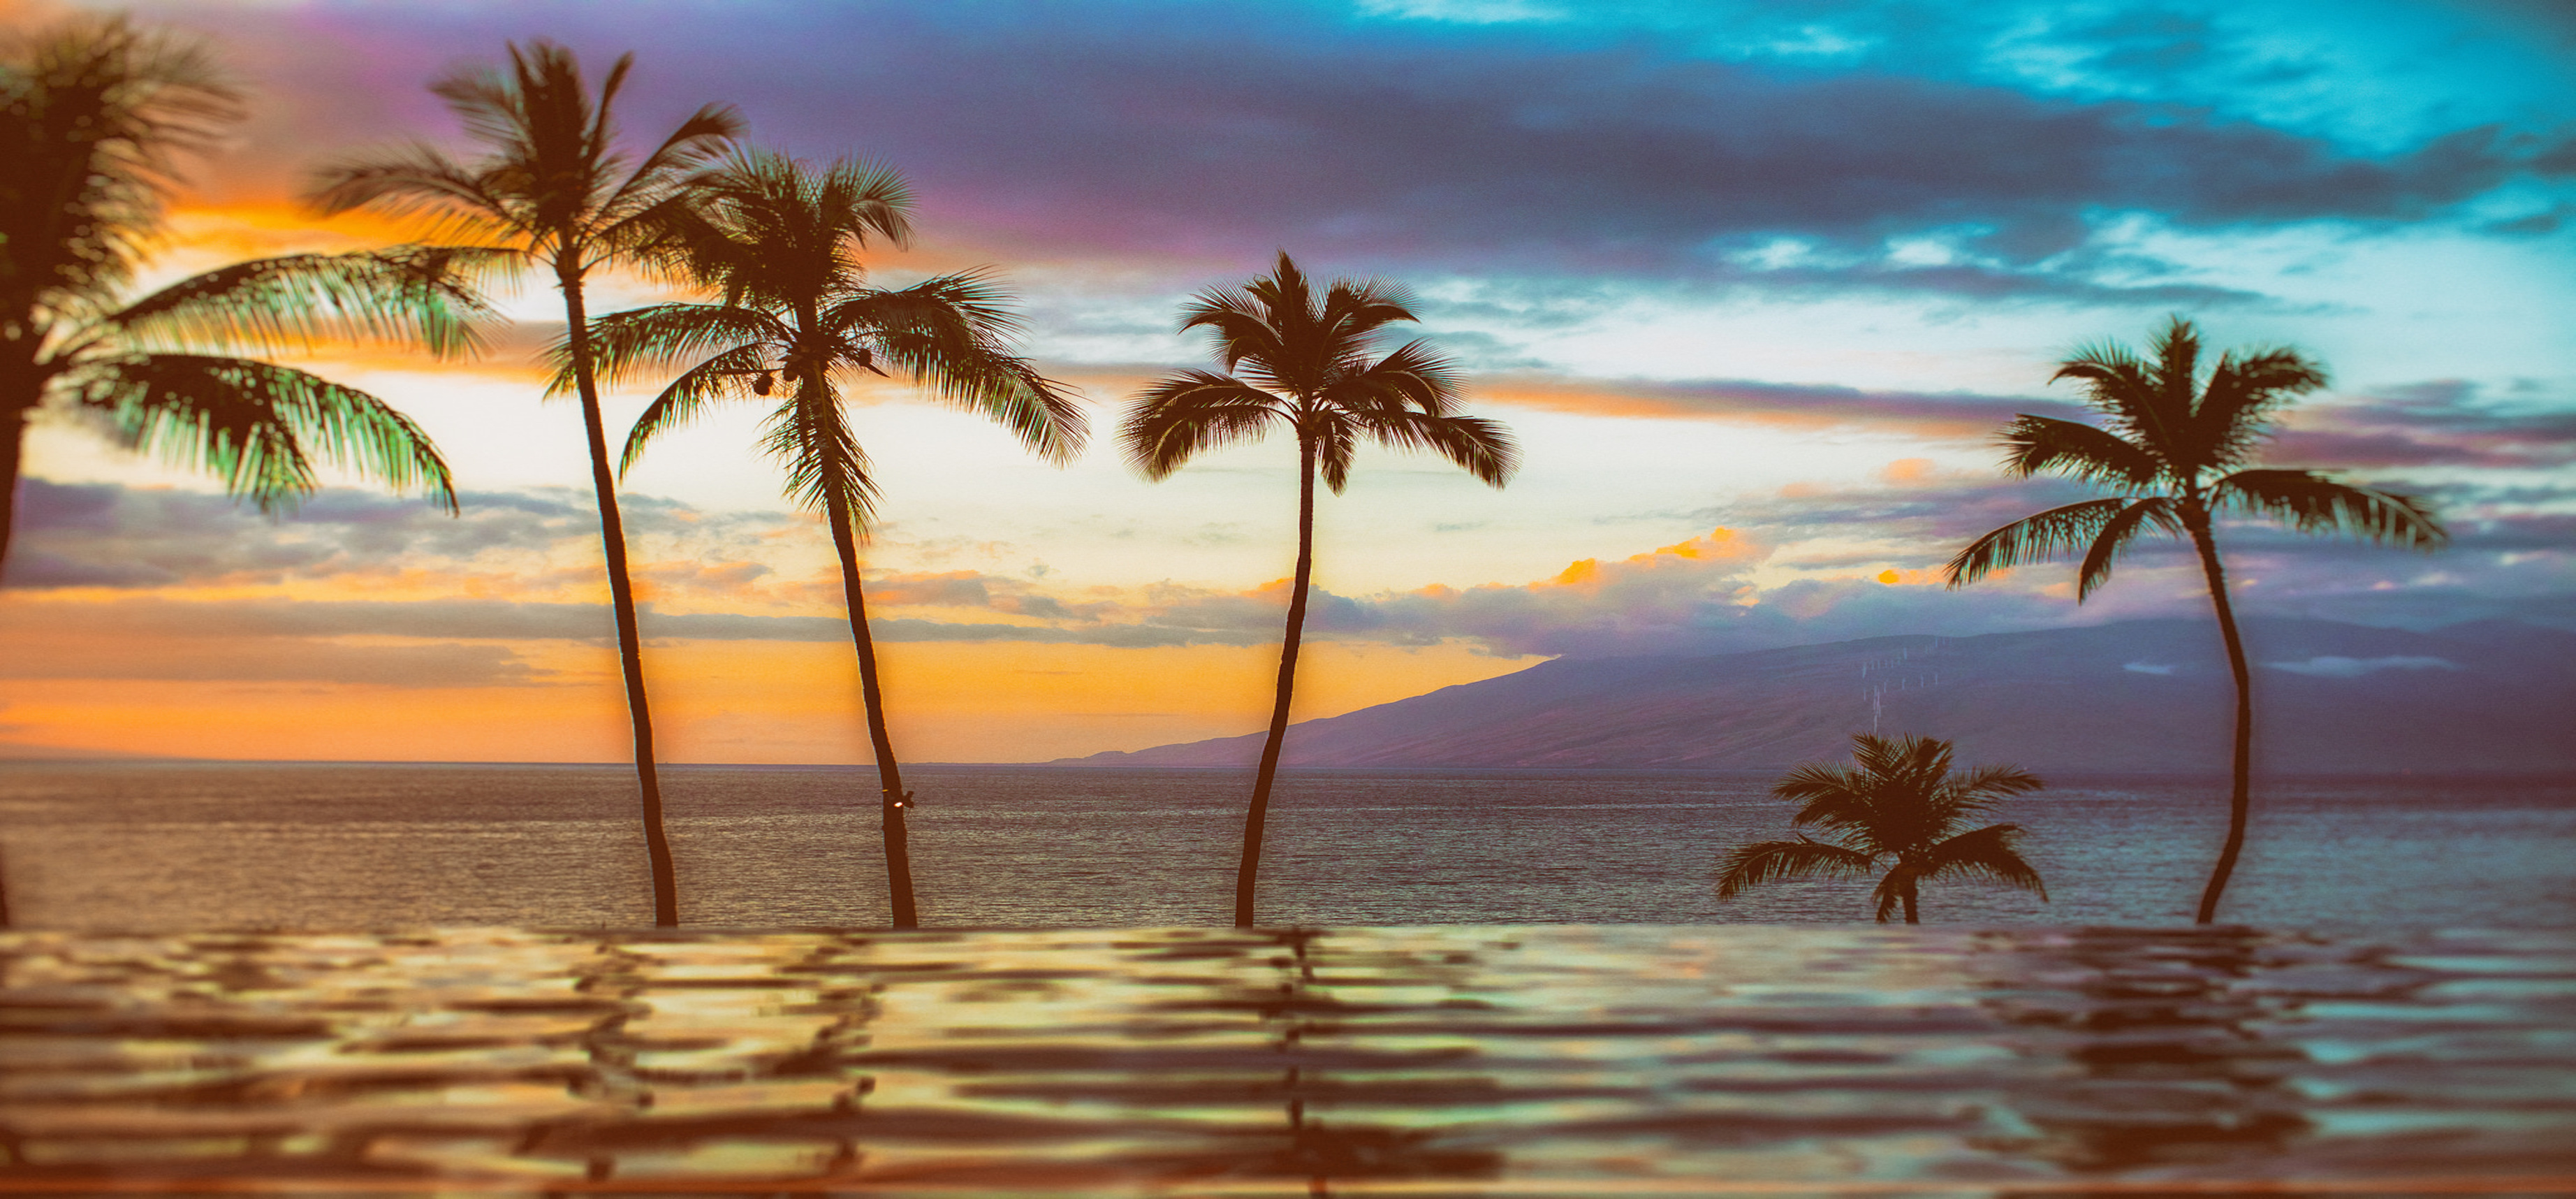 Kaanapali Beach Rentals - Maui - Thomas Hawk via Flickr